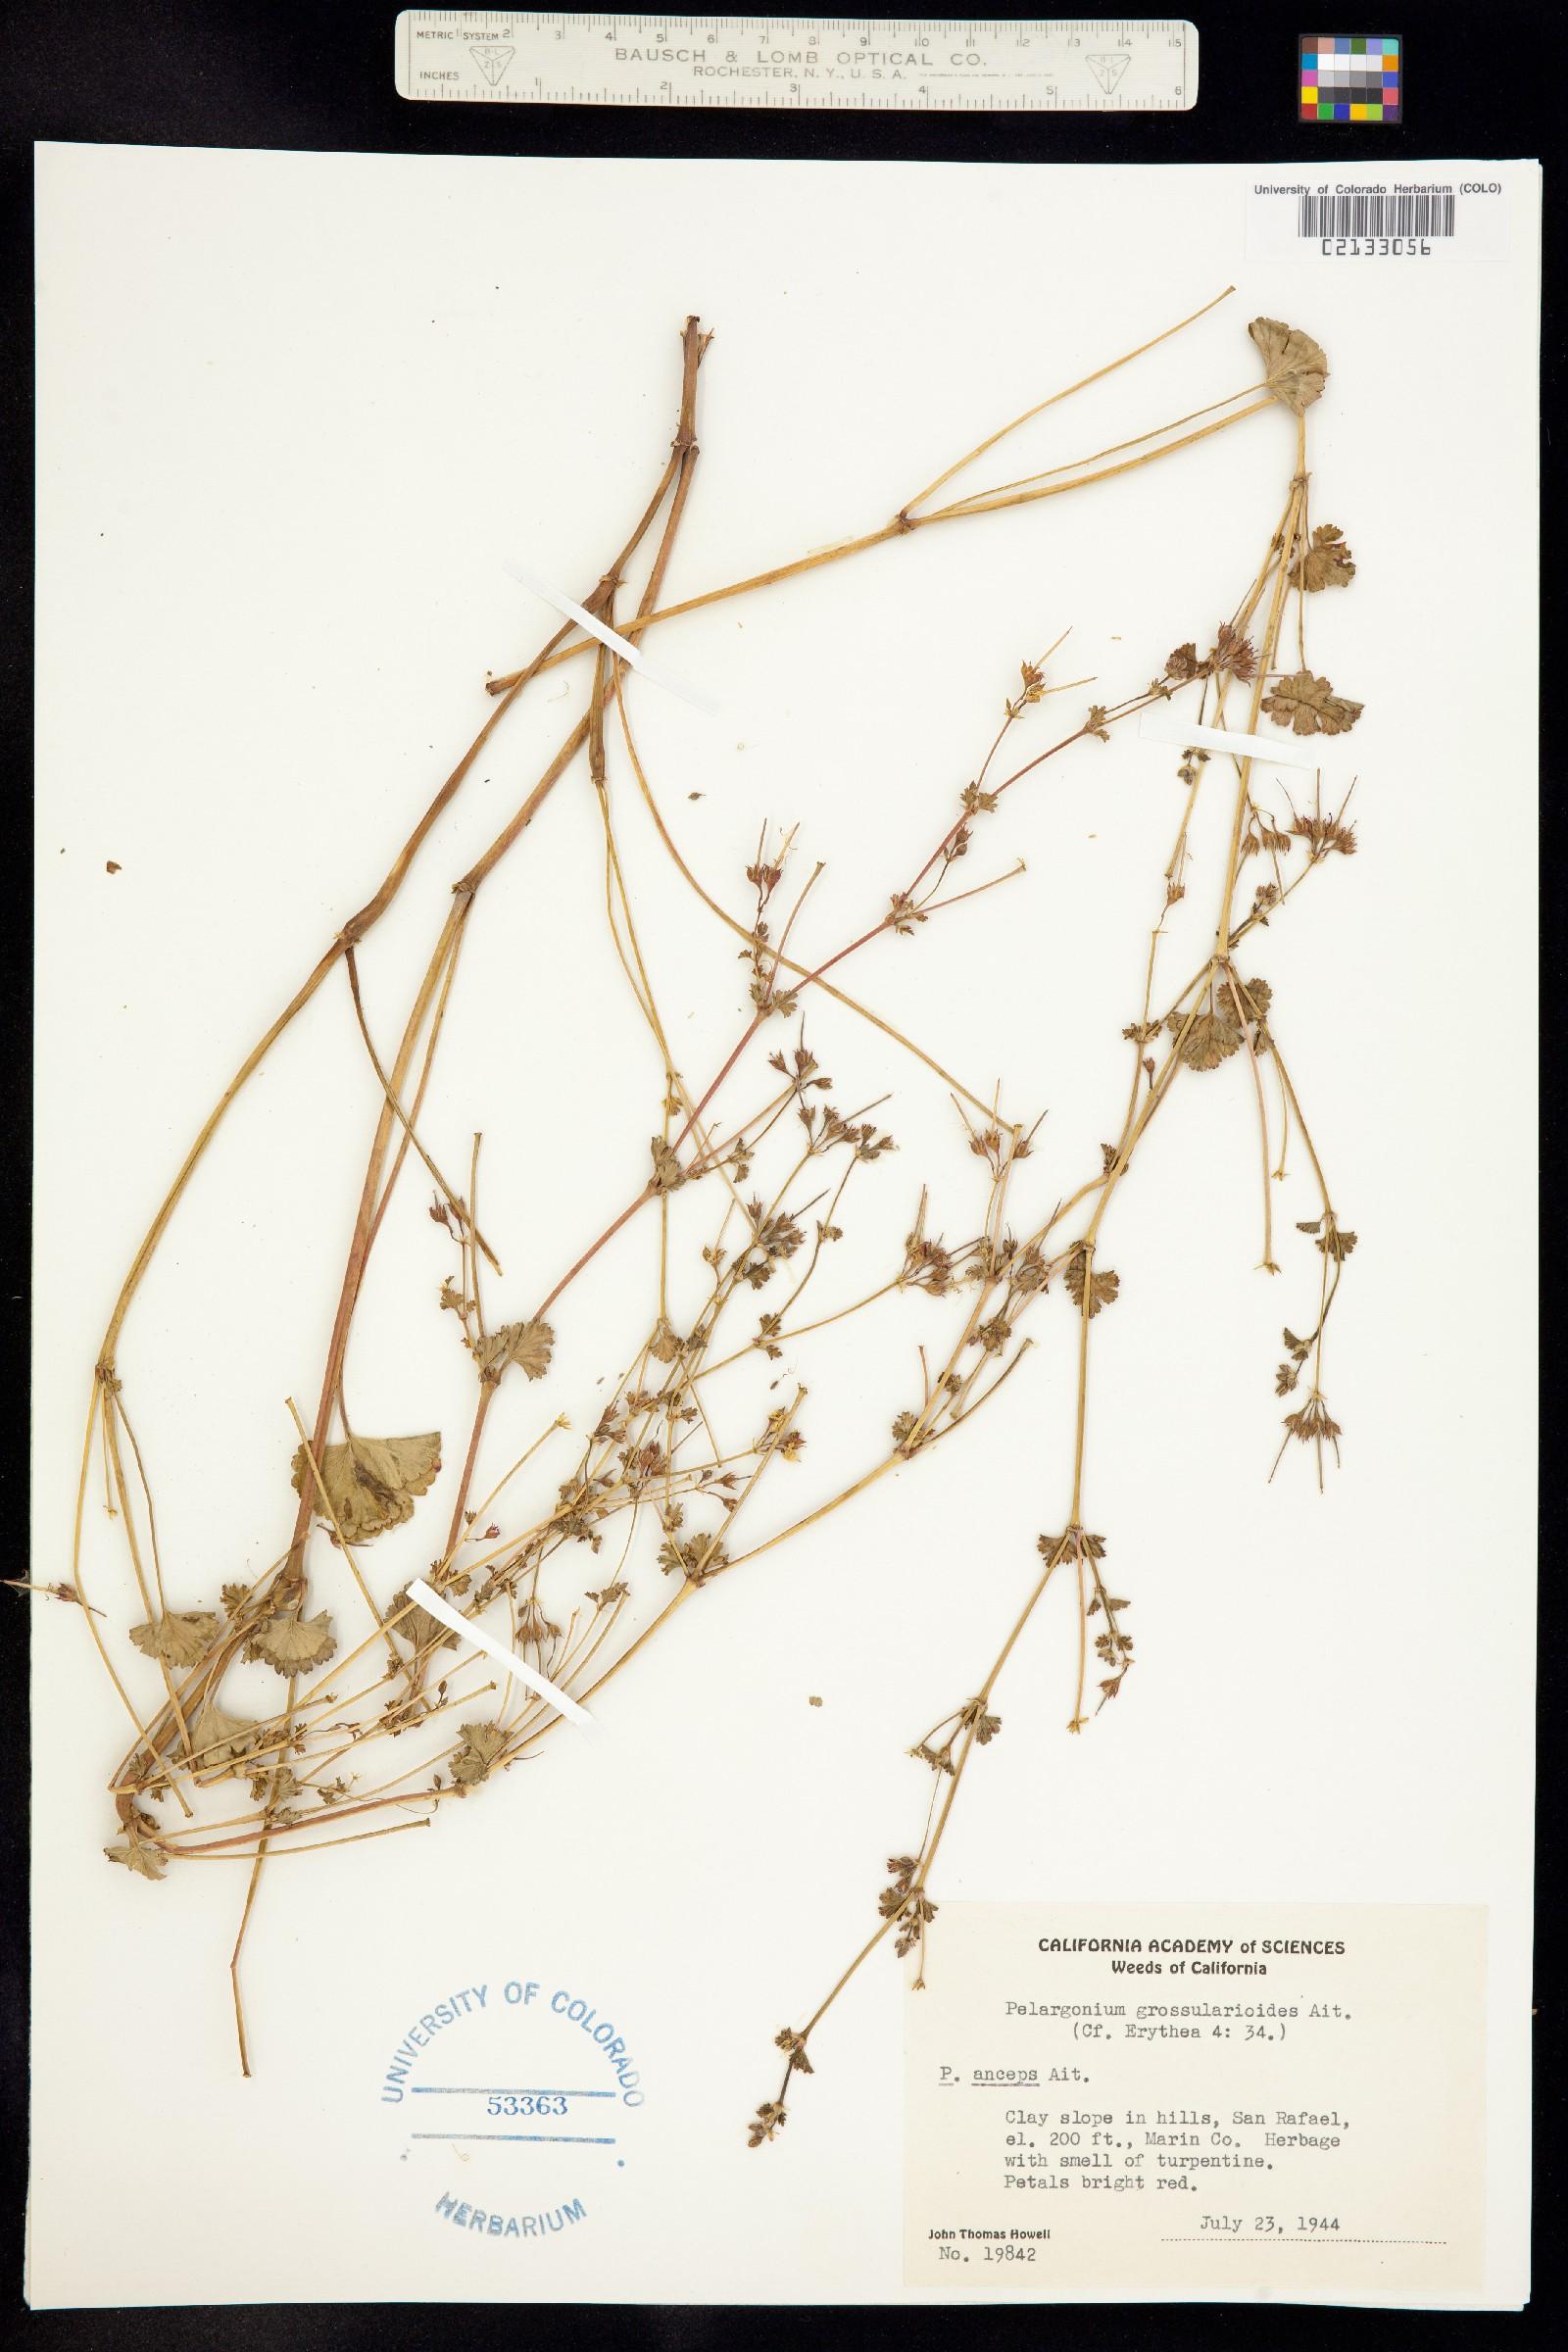 Pelargonium grossularioides image